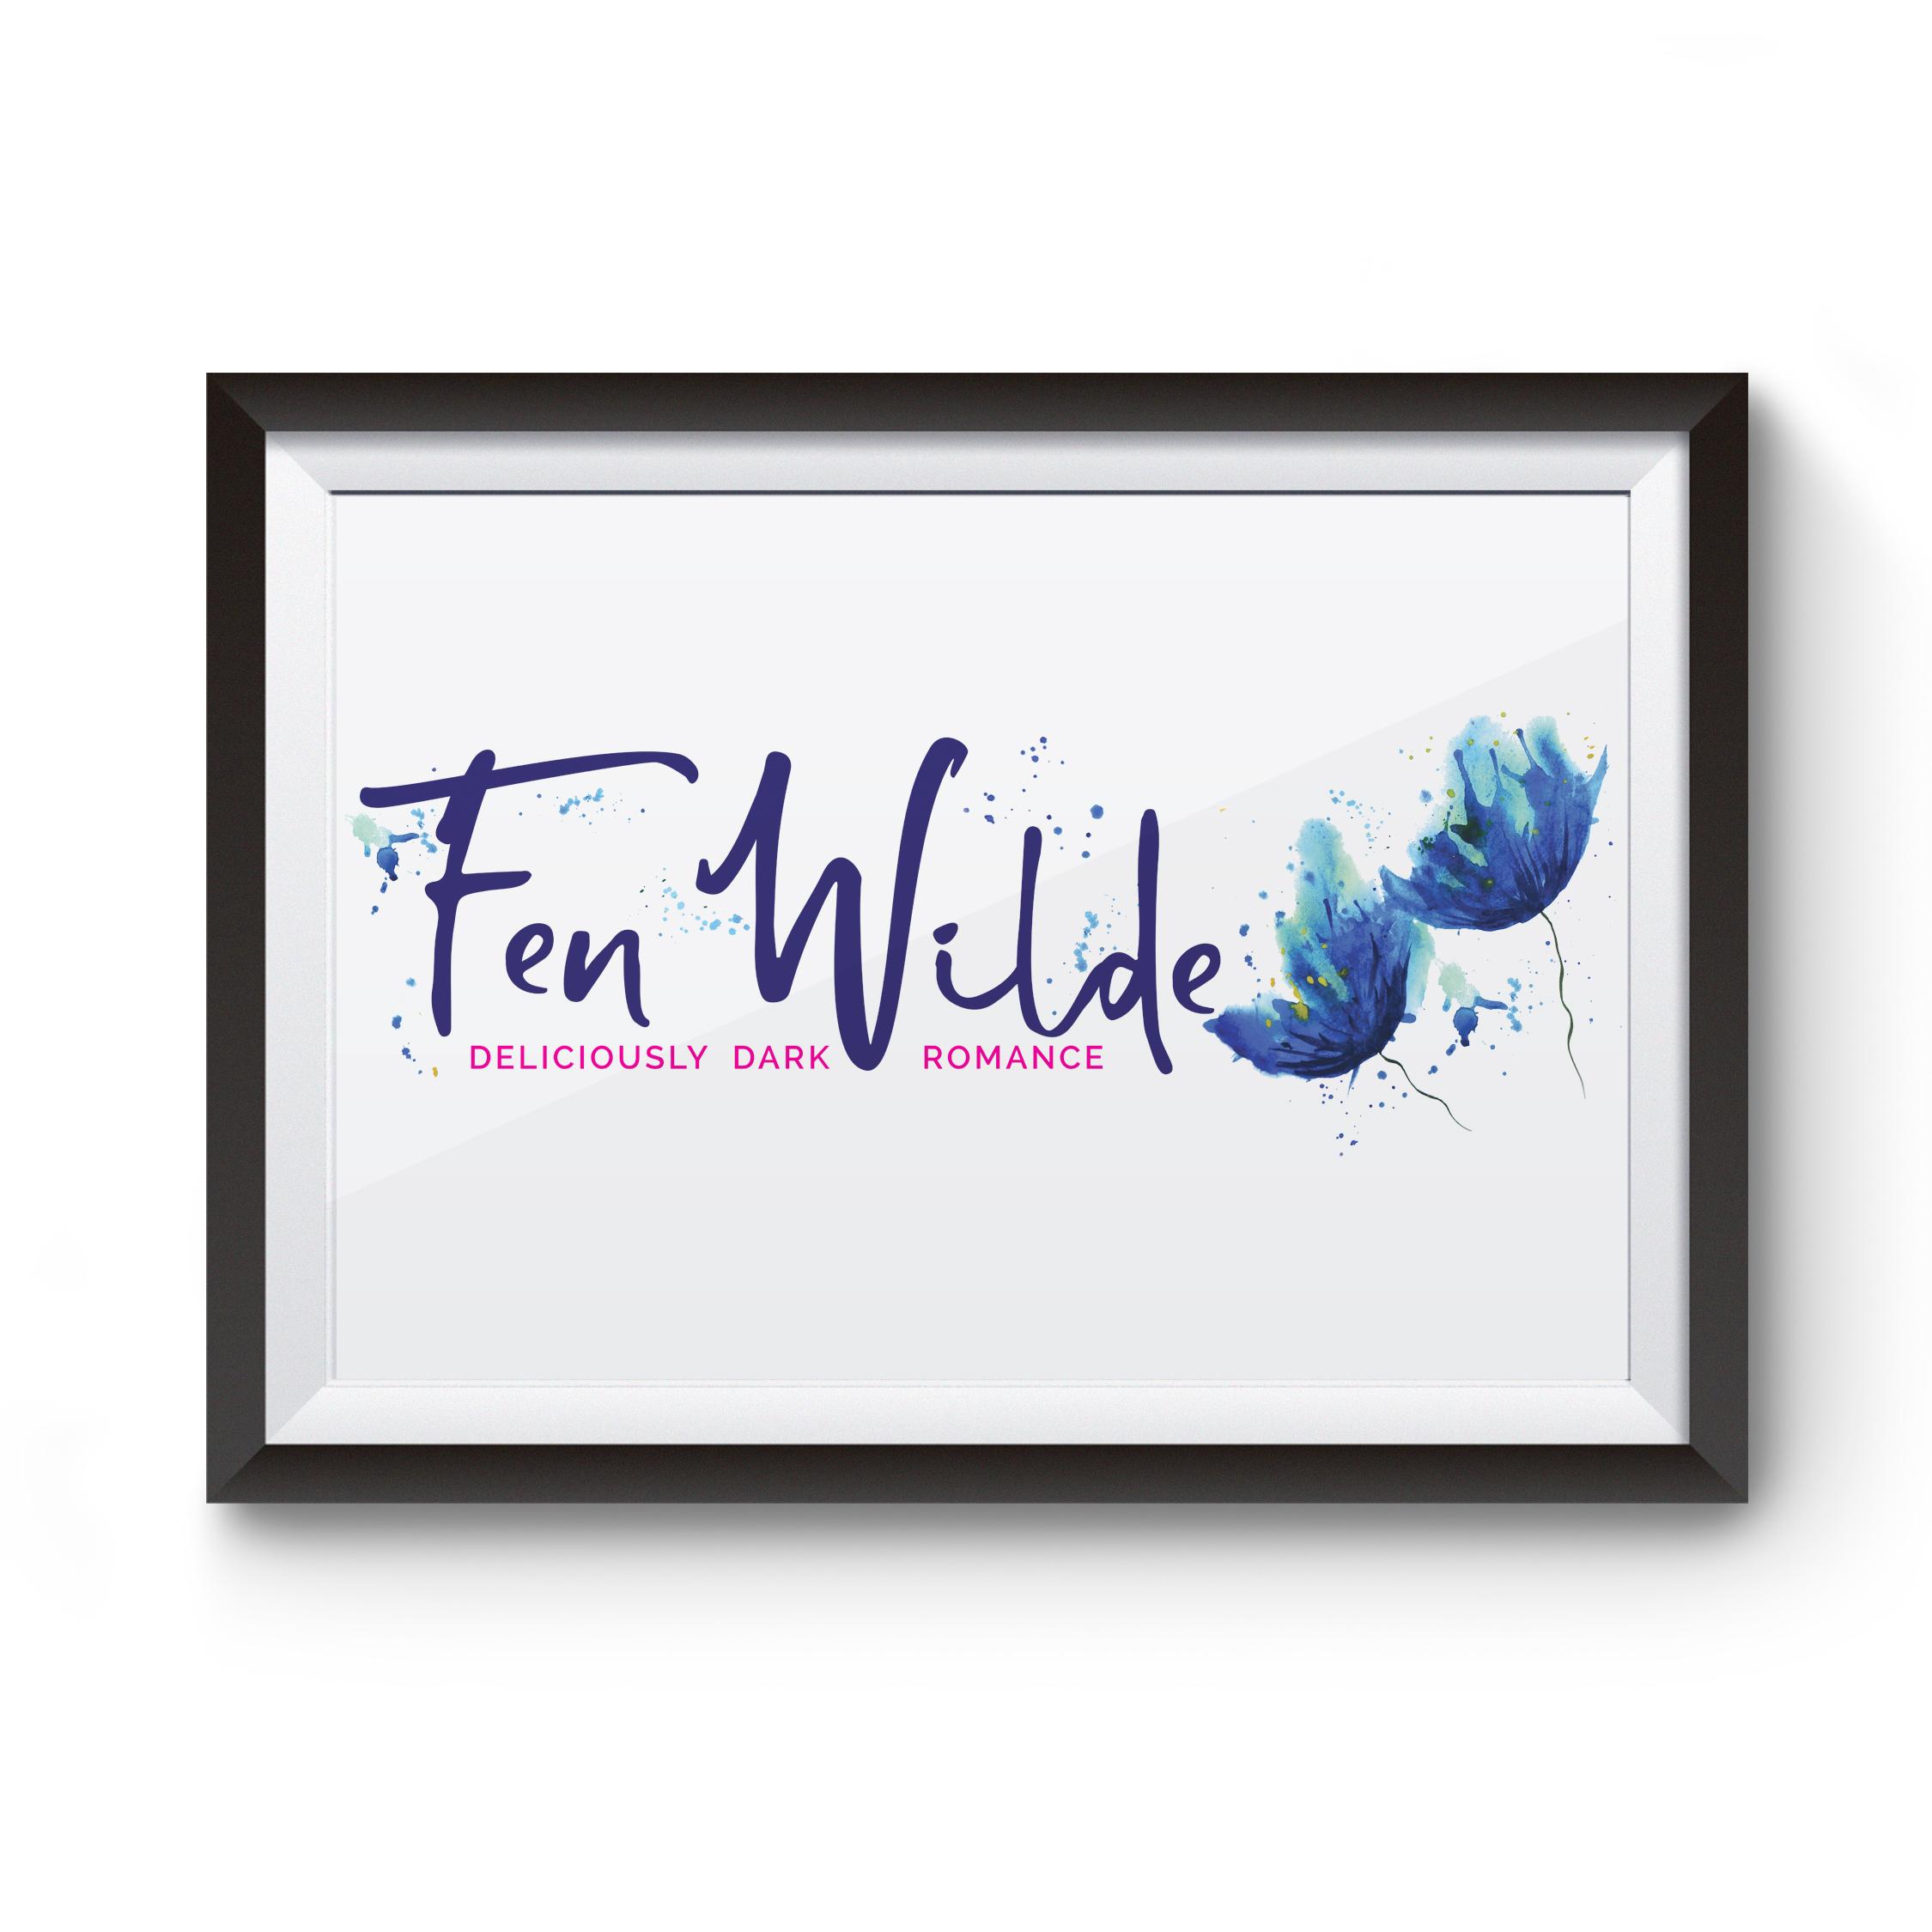 2017_logo_FenWilde.jpg